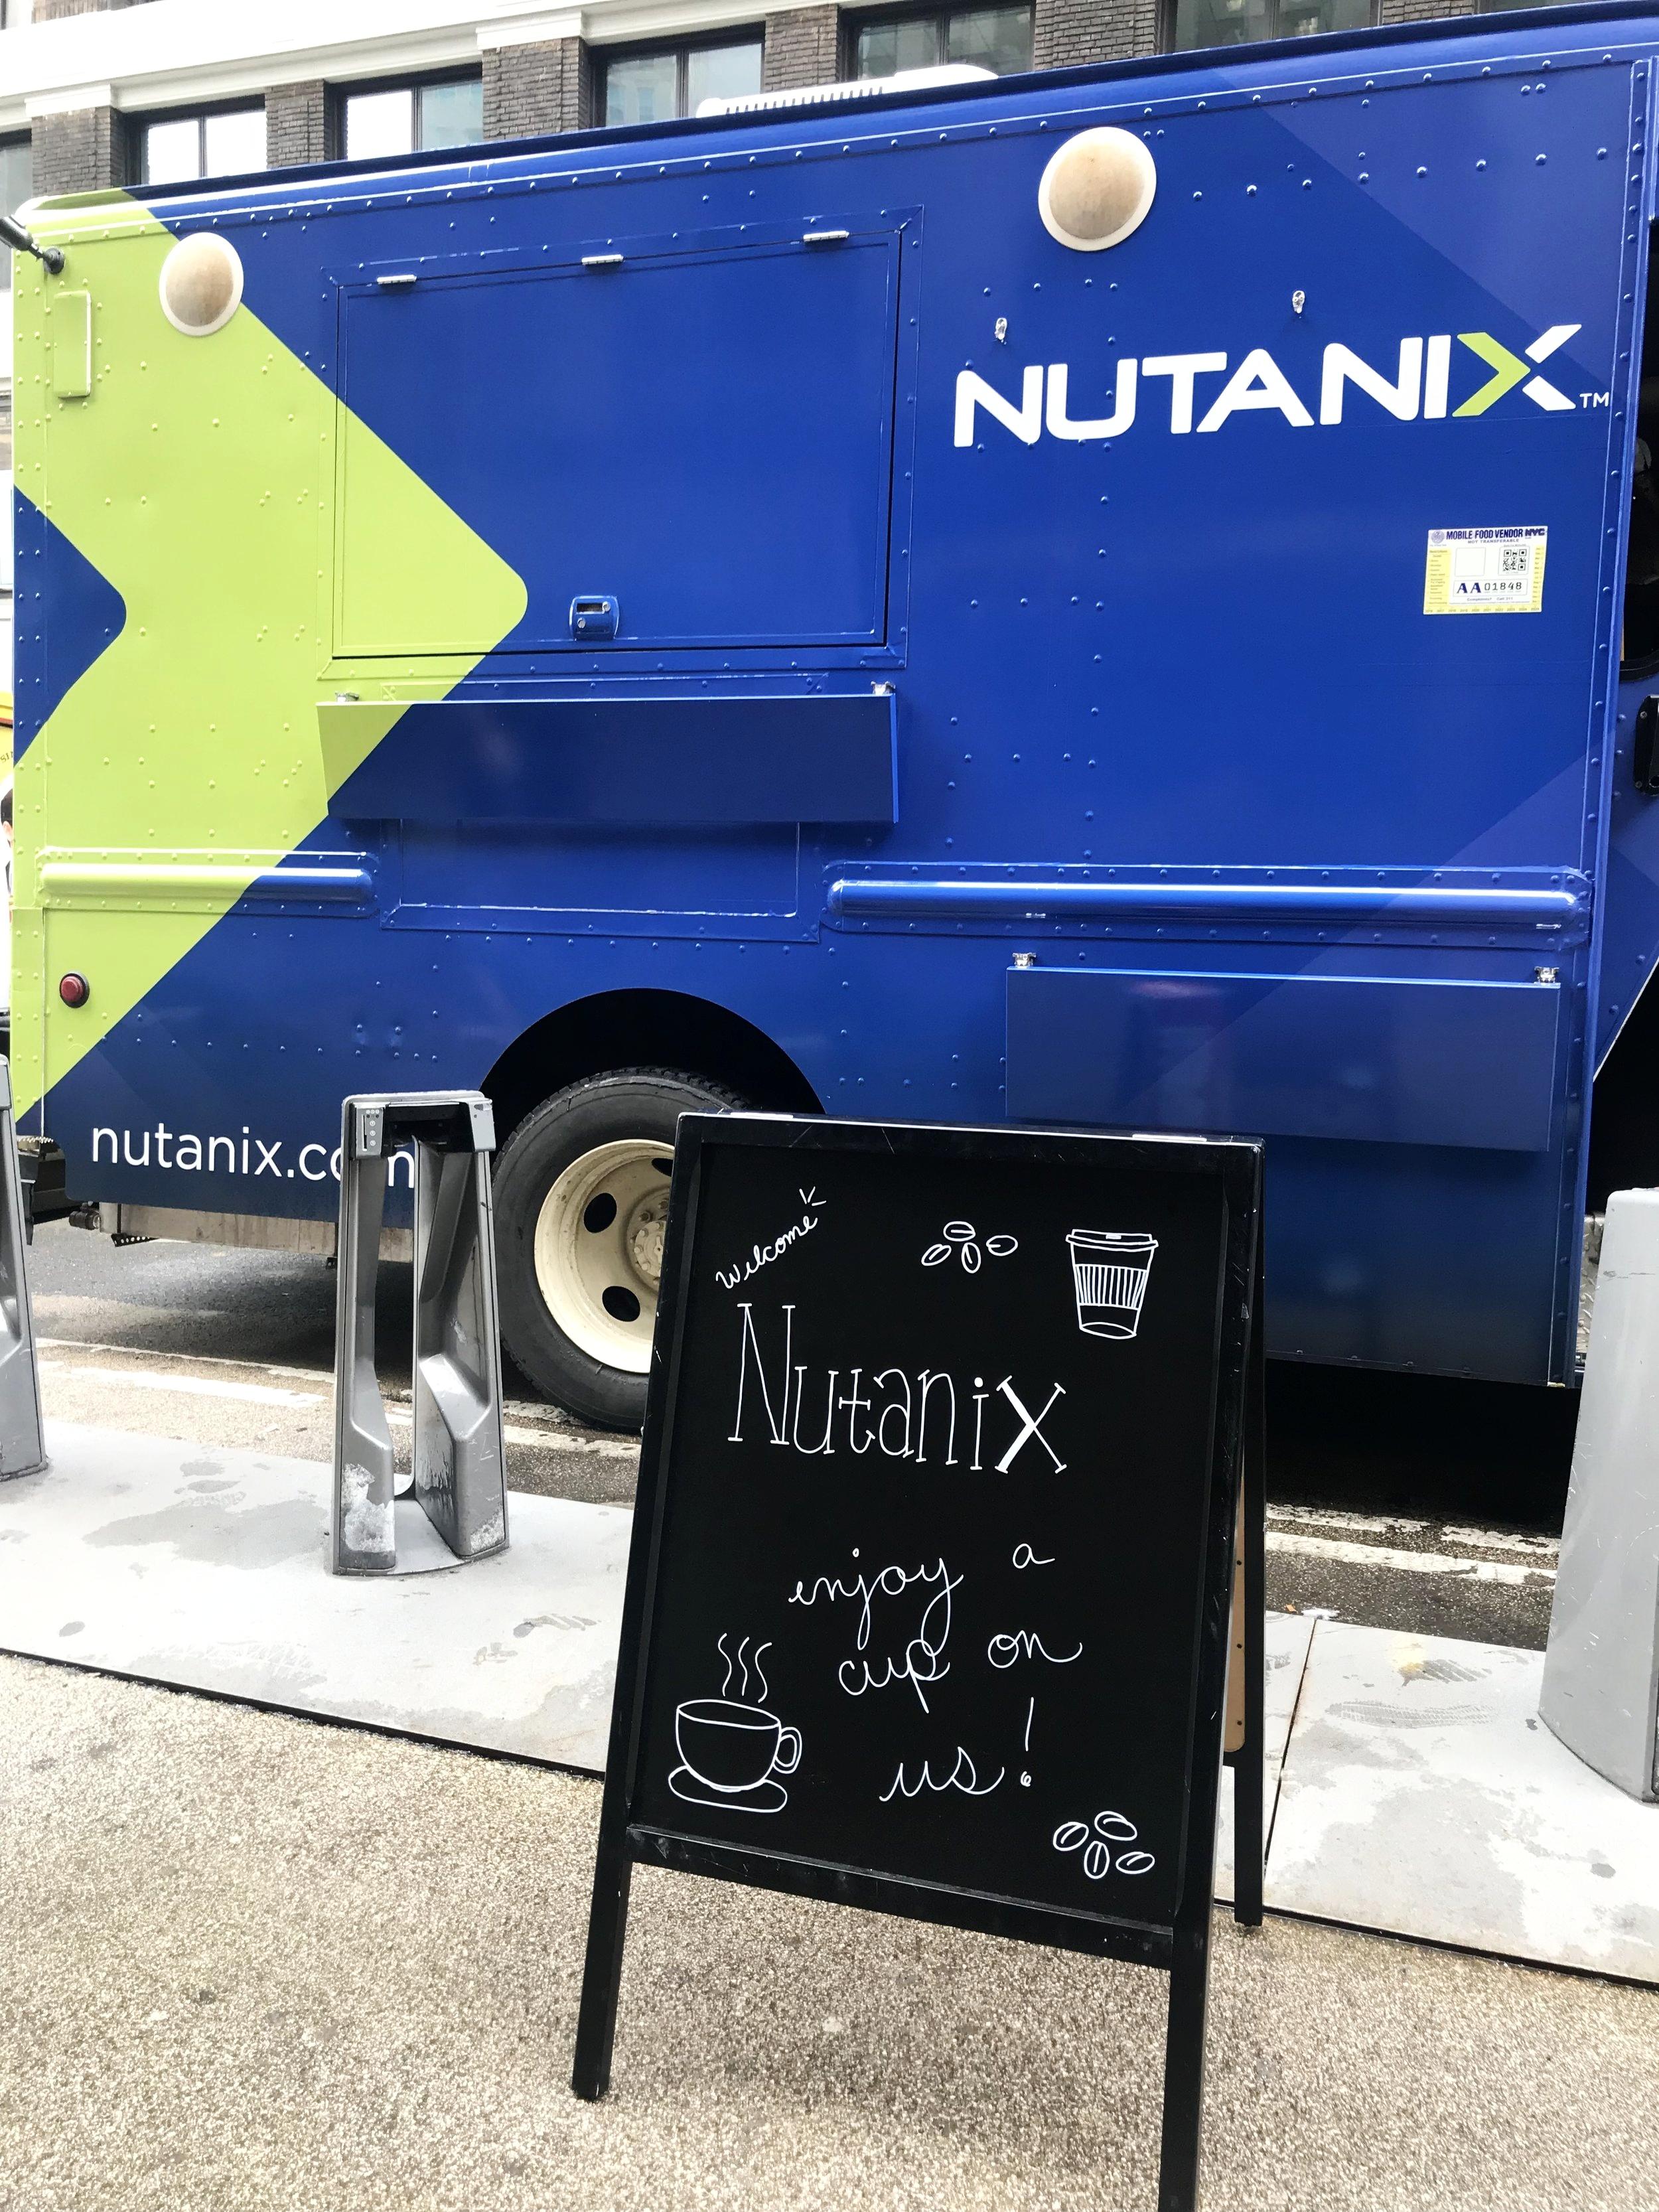 nutanix a frame.jpg